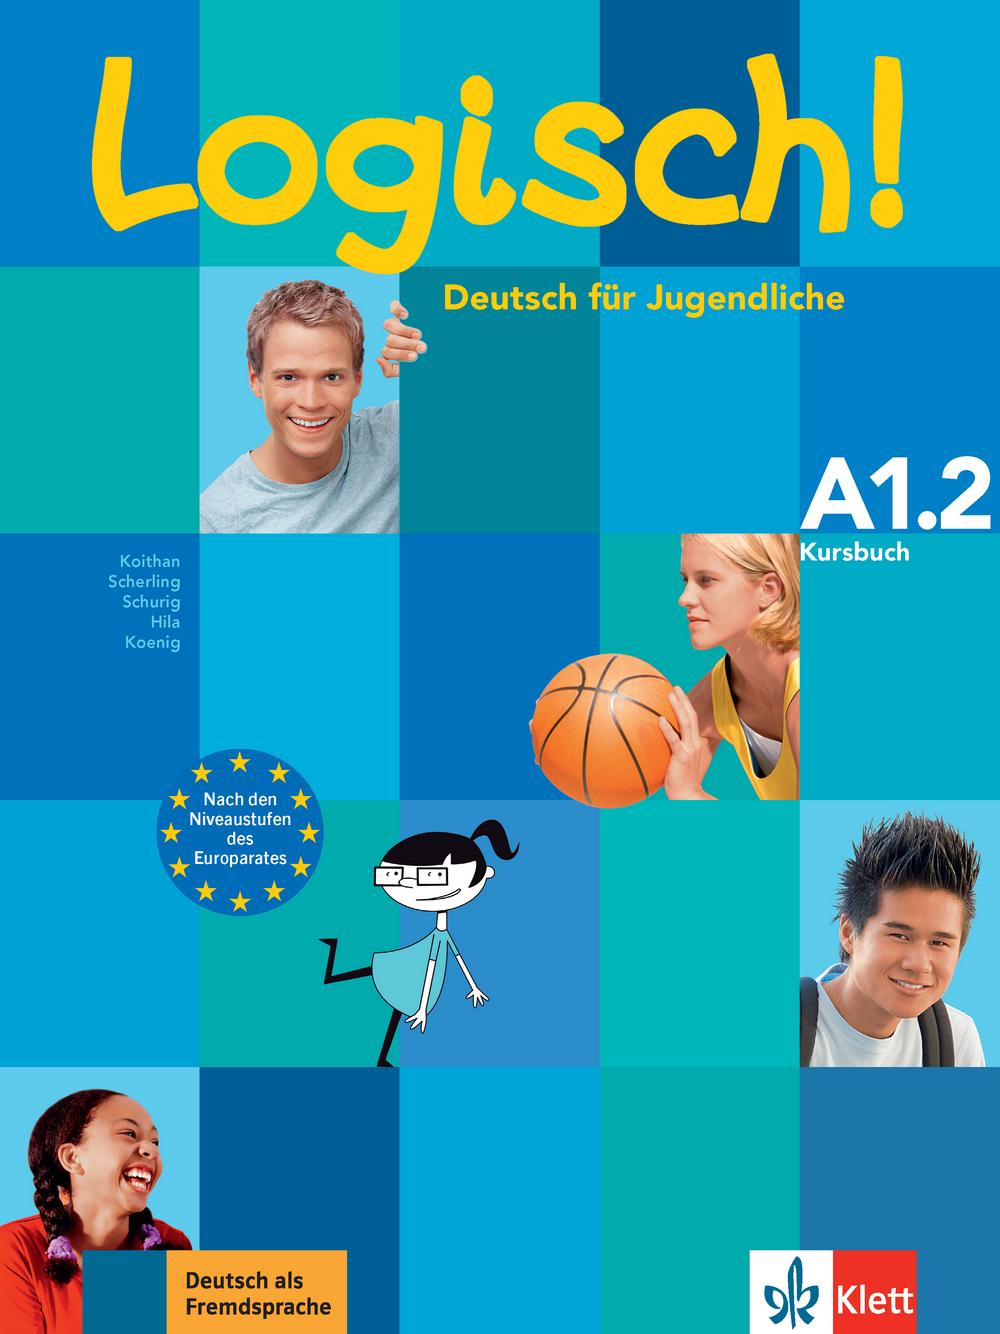 Logisch! A1.2